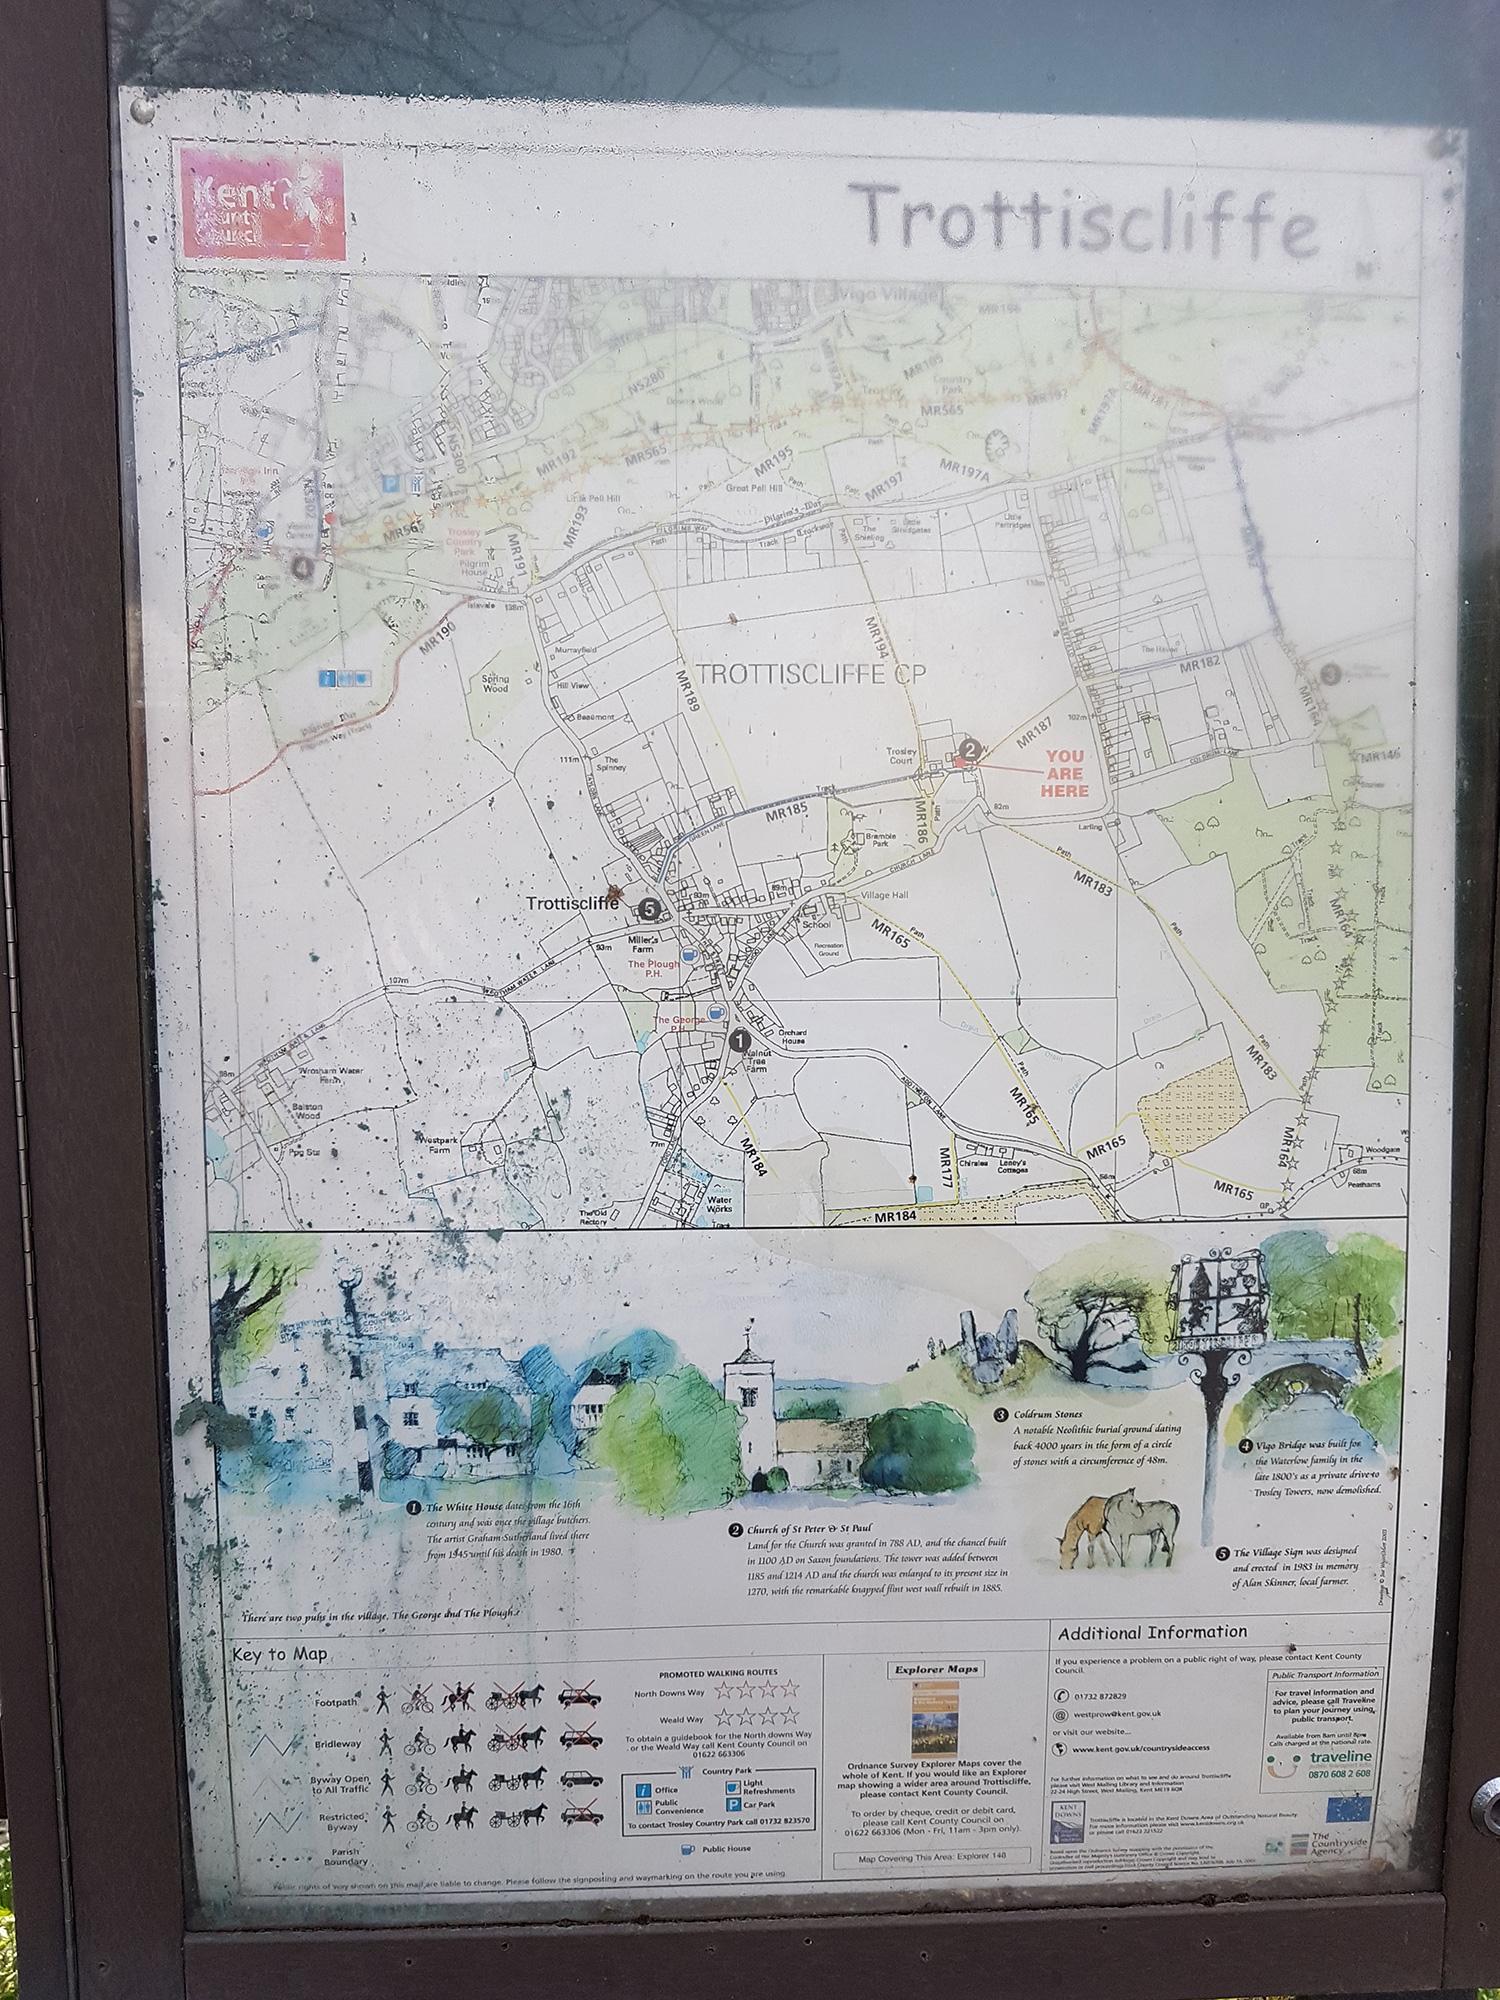 Trottiscliffe map board